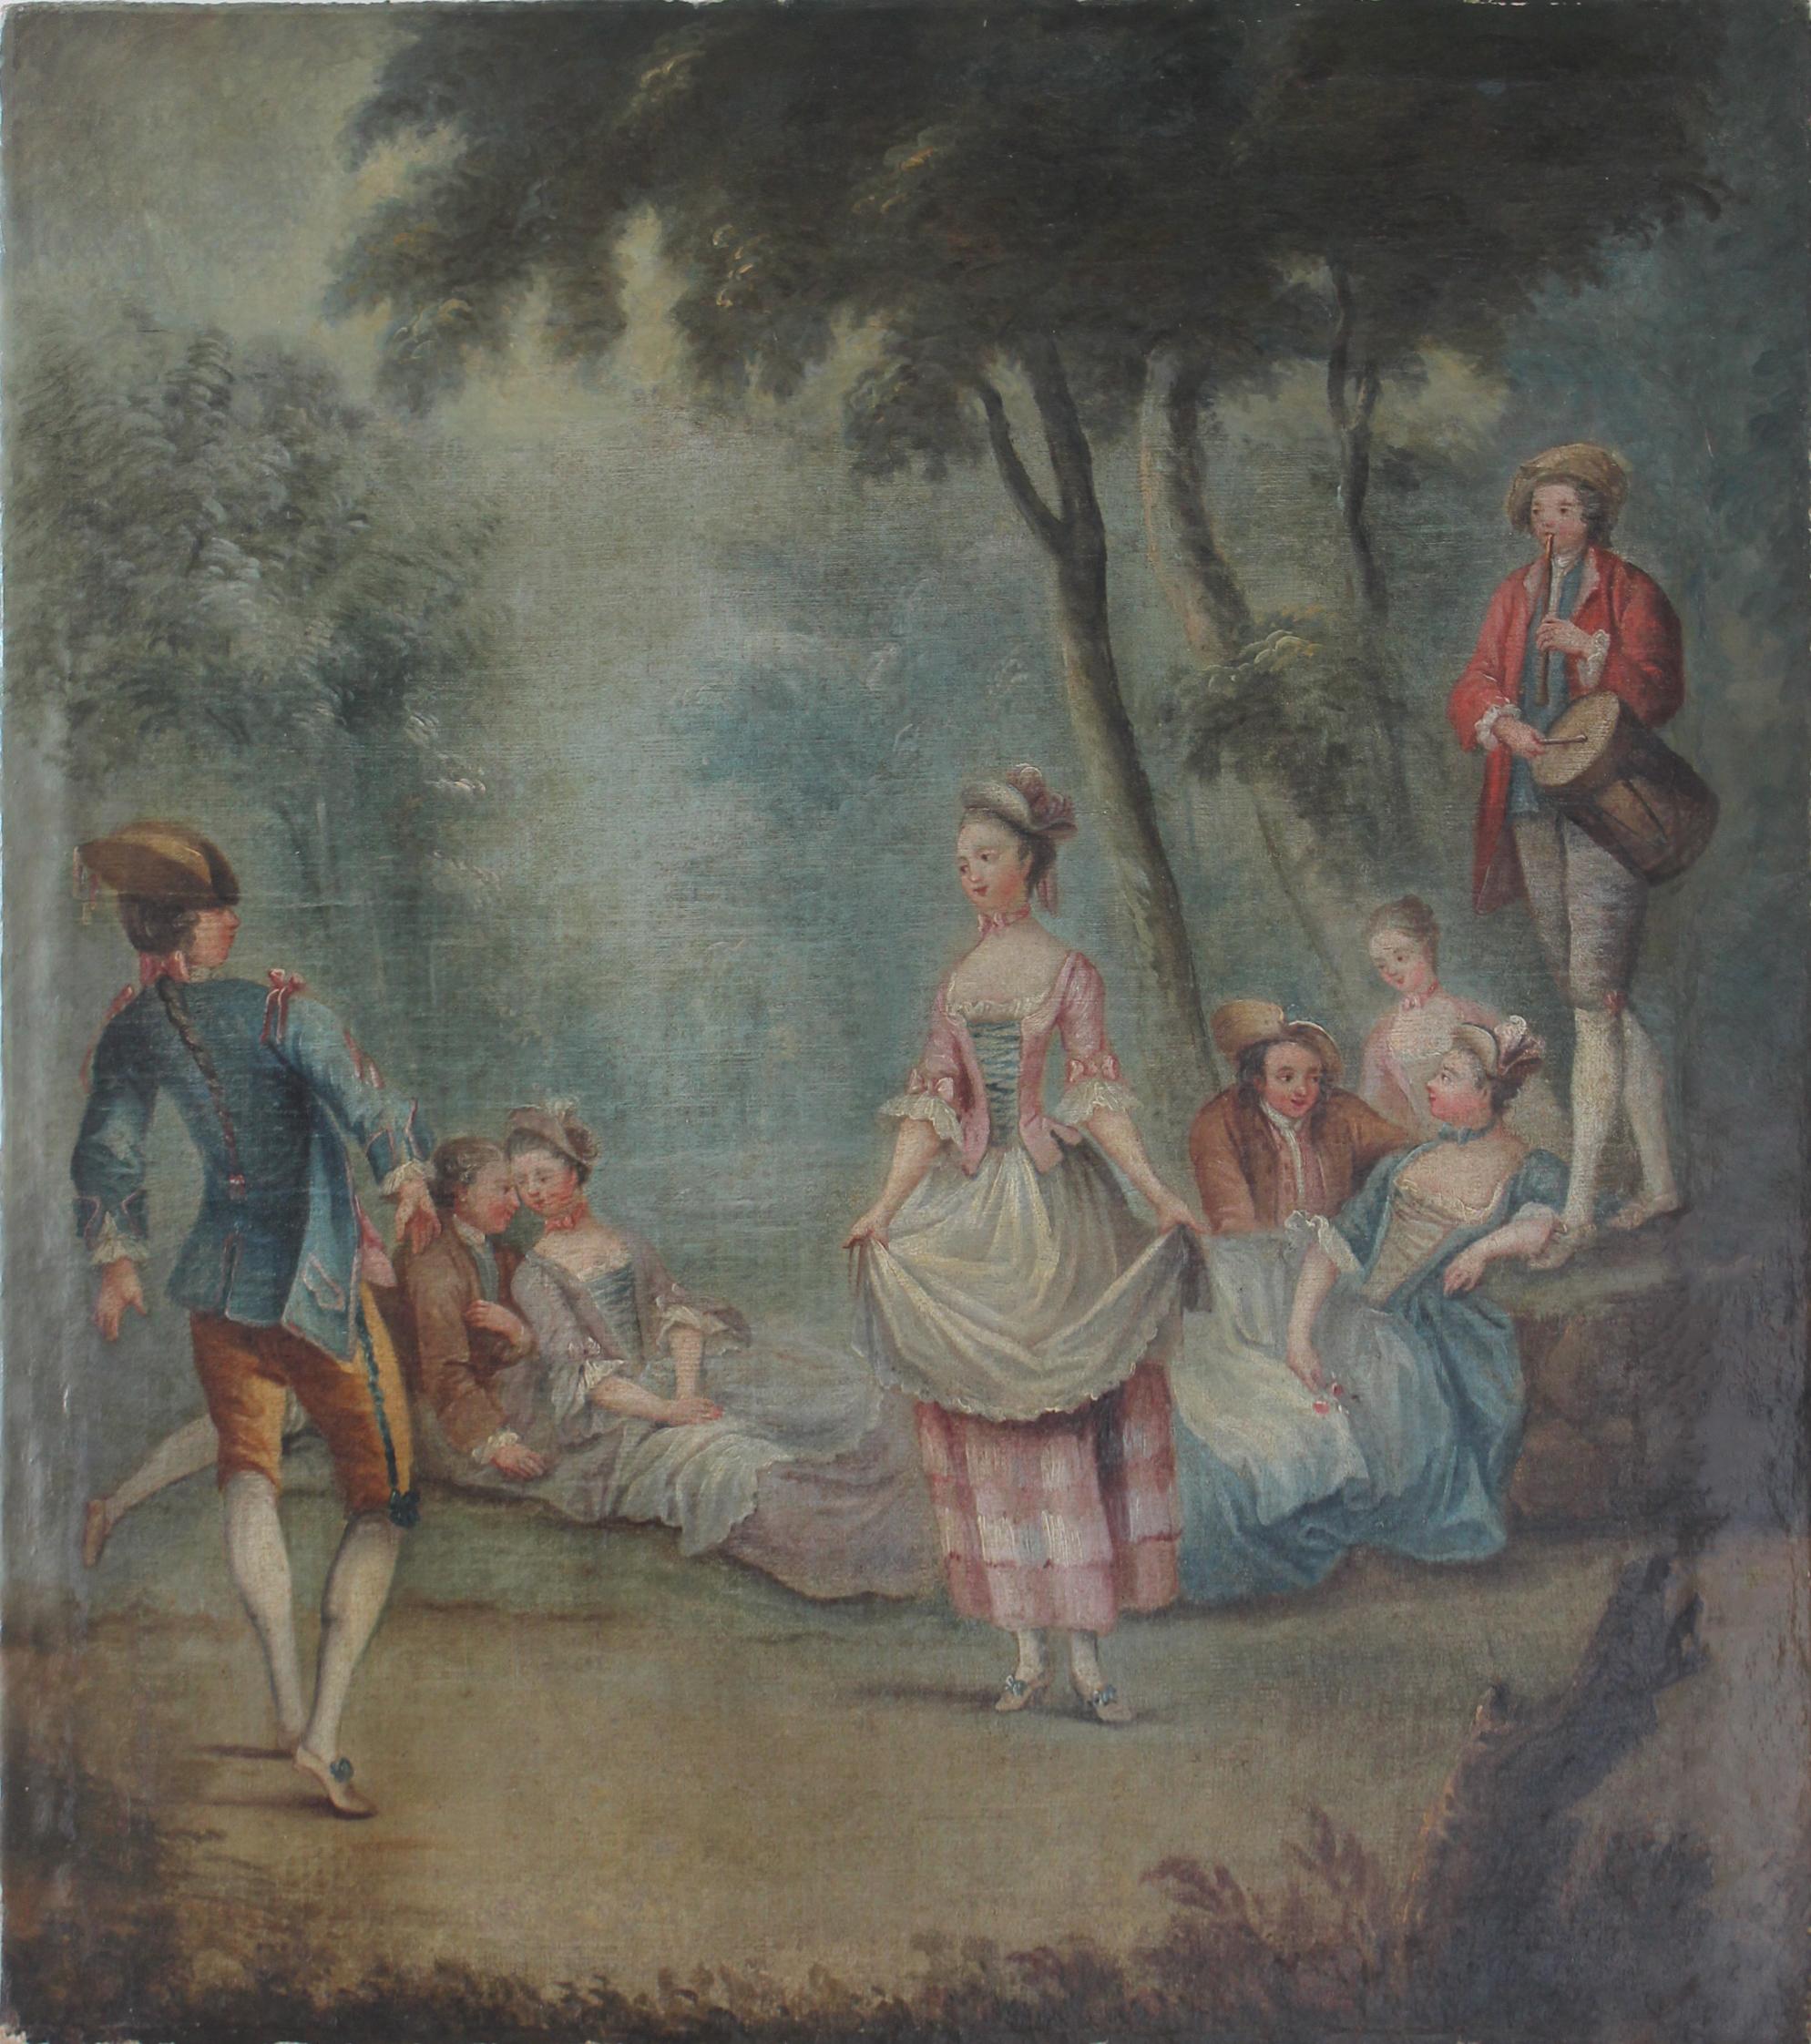 Ecole française, XVIIIe siècle. Conservation et restauration de tableaux et peintures sur toile, Bruxelles.jpg